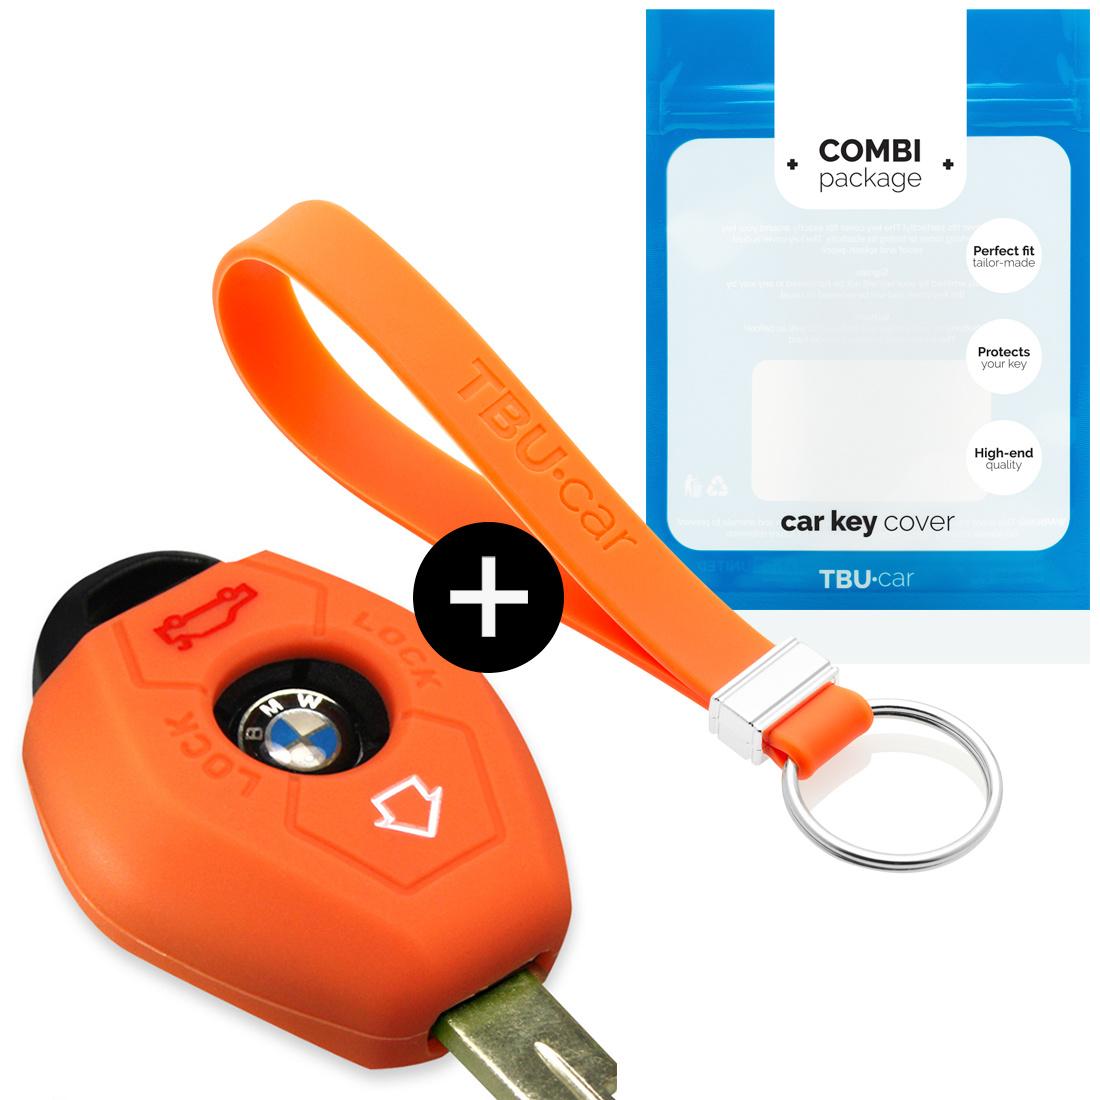 TBU car Autoschlüssel Hülle für BMW 3 Tasten - Schutzhülle aus Silikon - Auto Schlüsselhülle Cover in Orange